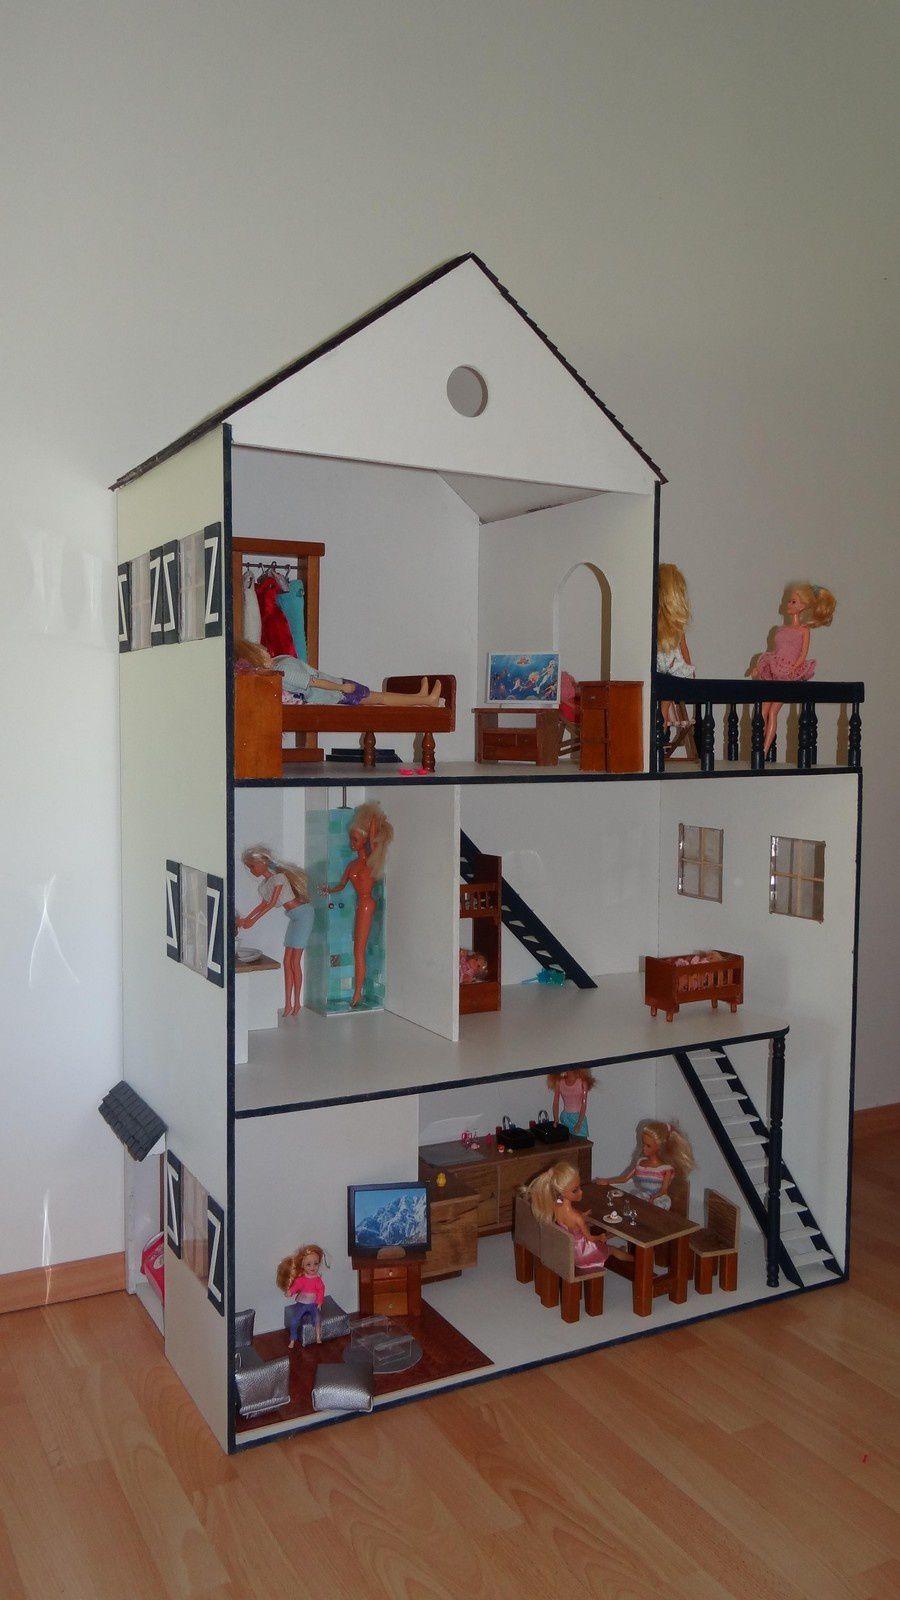 une merveilleuse maison de poupée réalisée par Line 49 et son mari